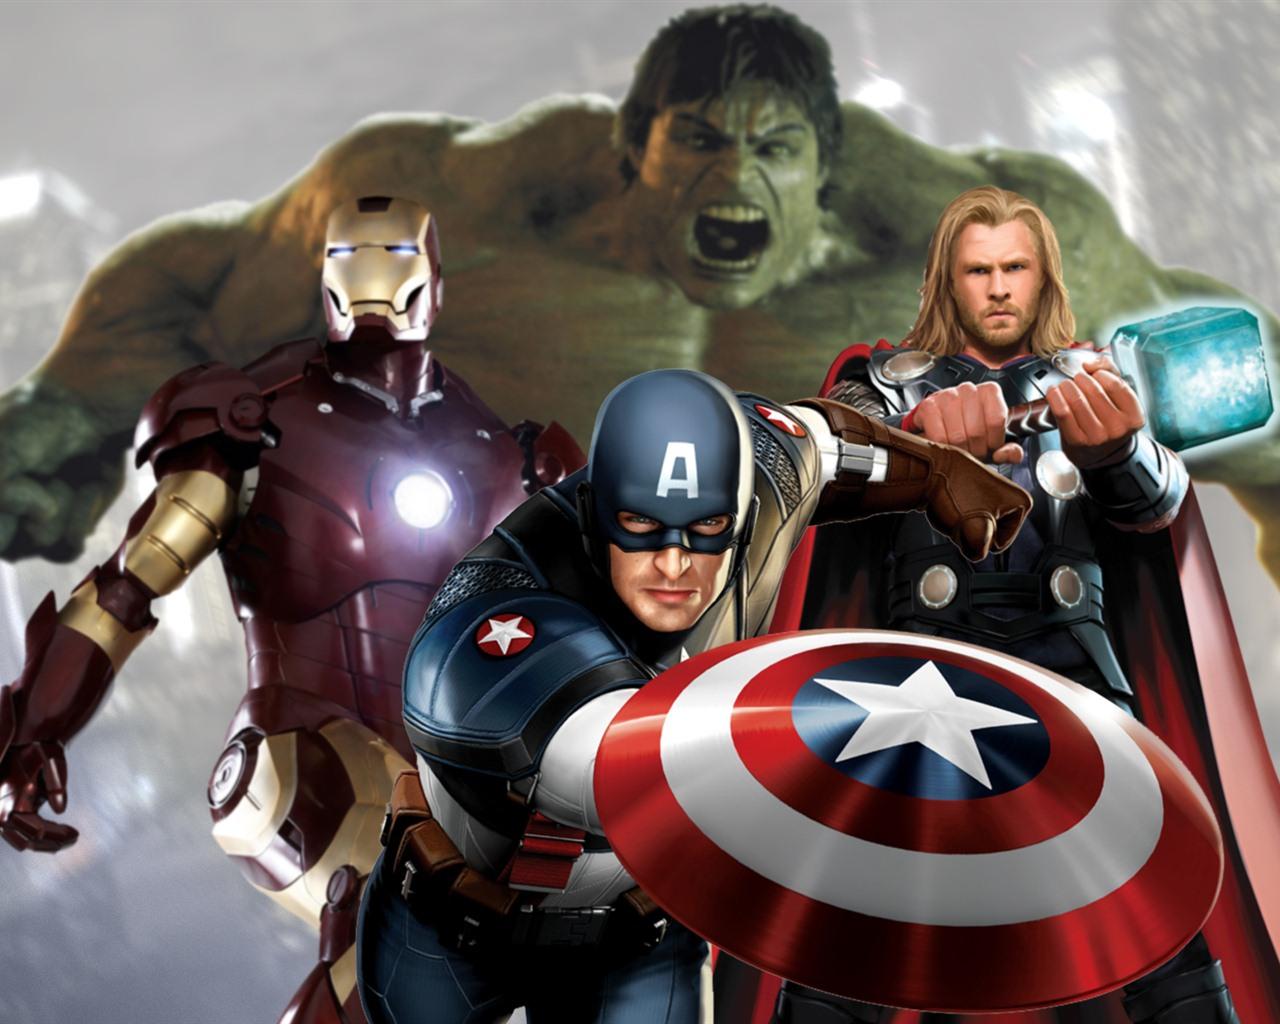 Les fonds d 39 cran hd 2012 avengers 2 1280x1024 fond d - Avengers 2 telecharger ...